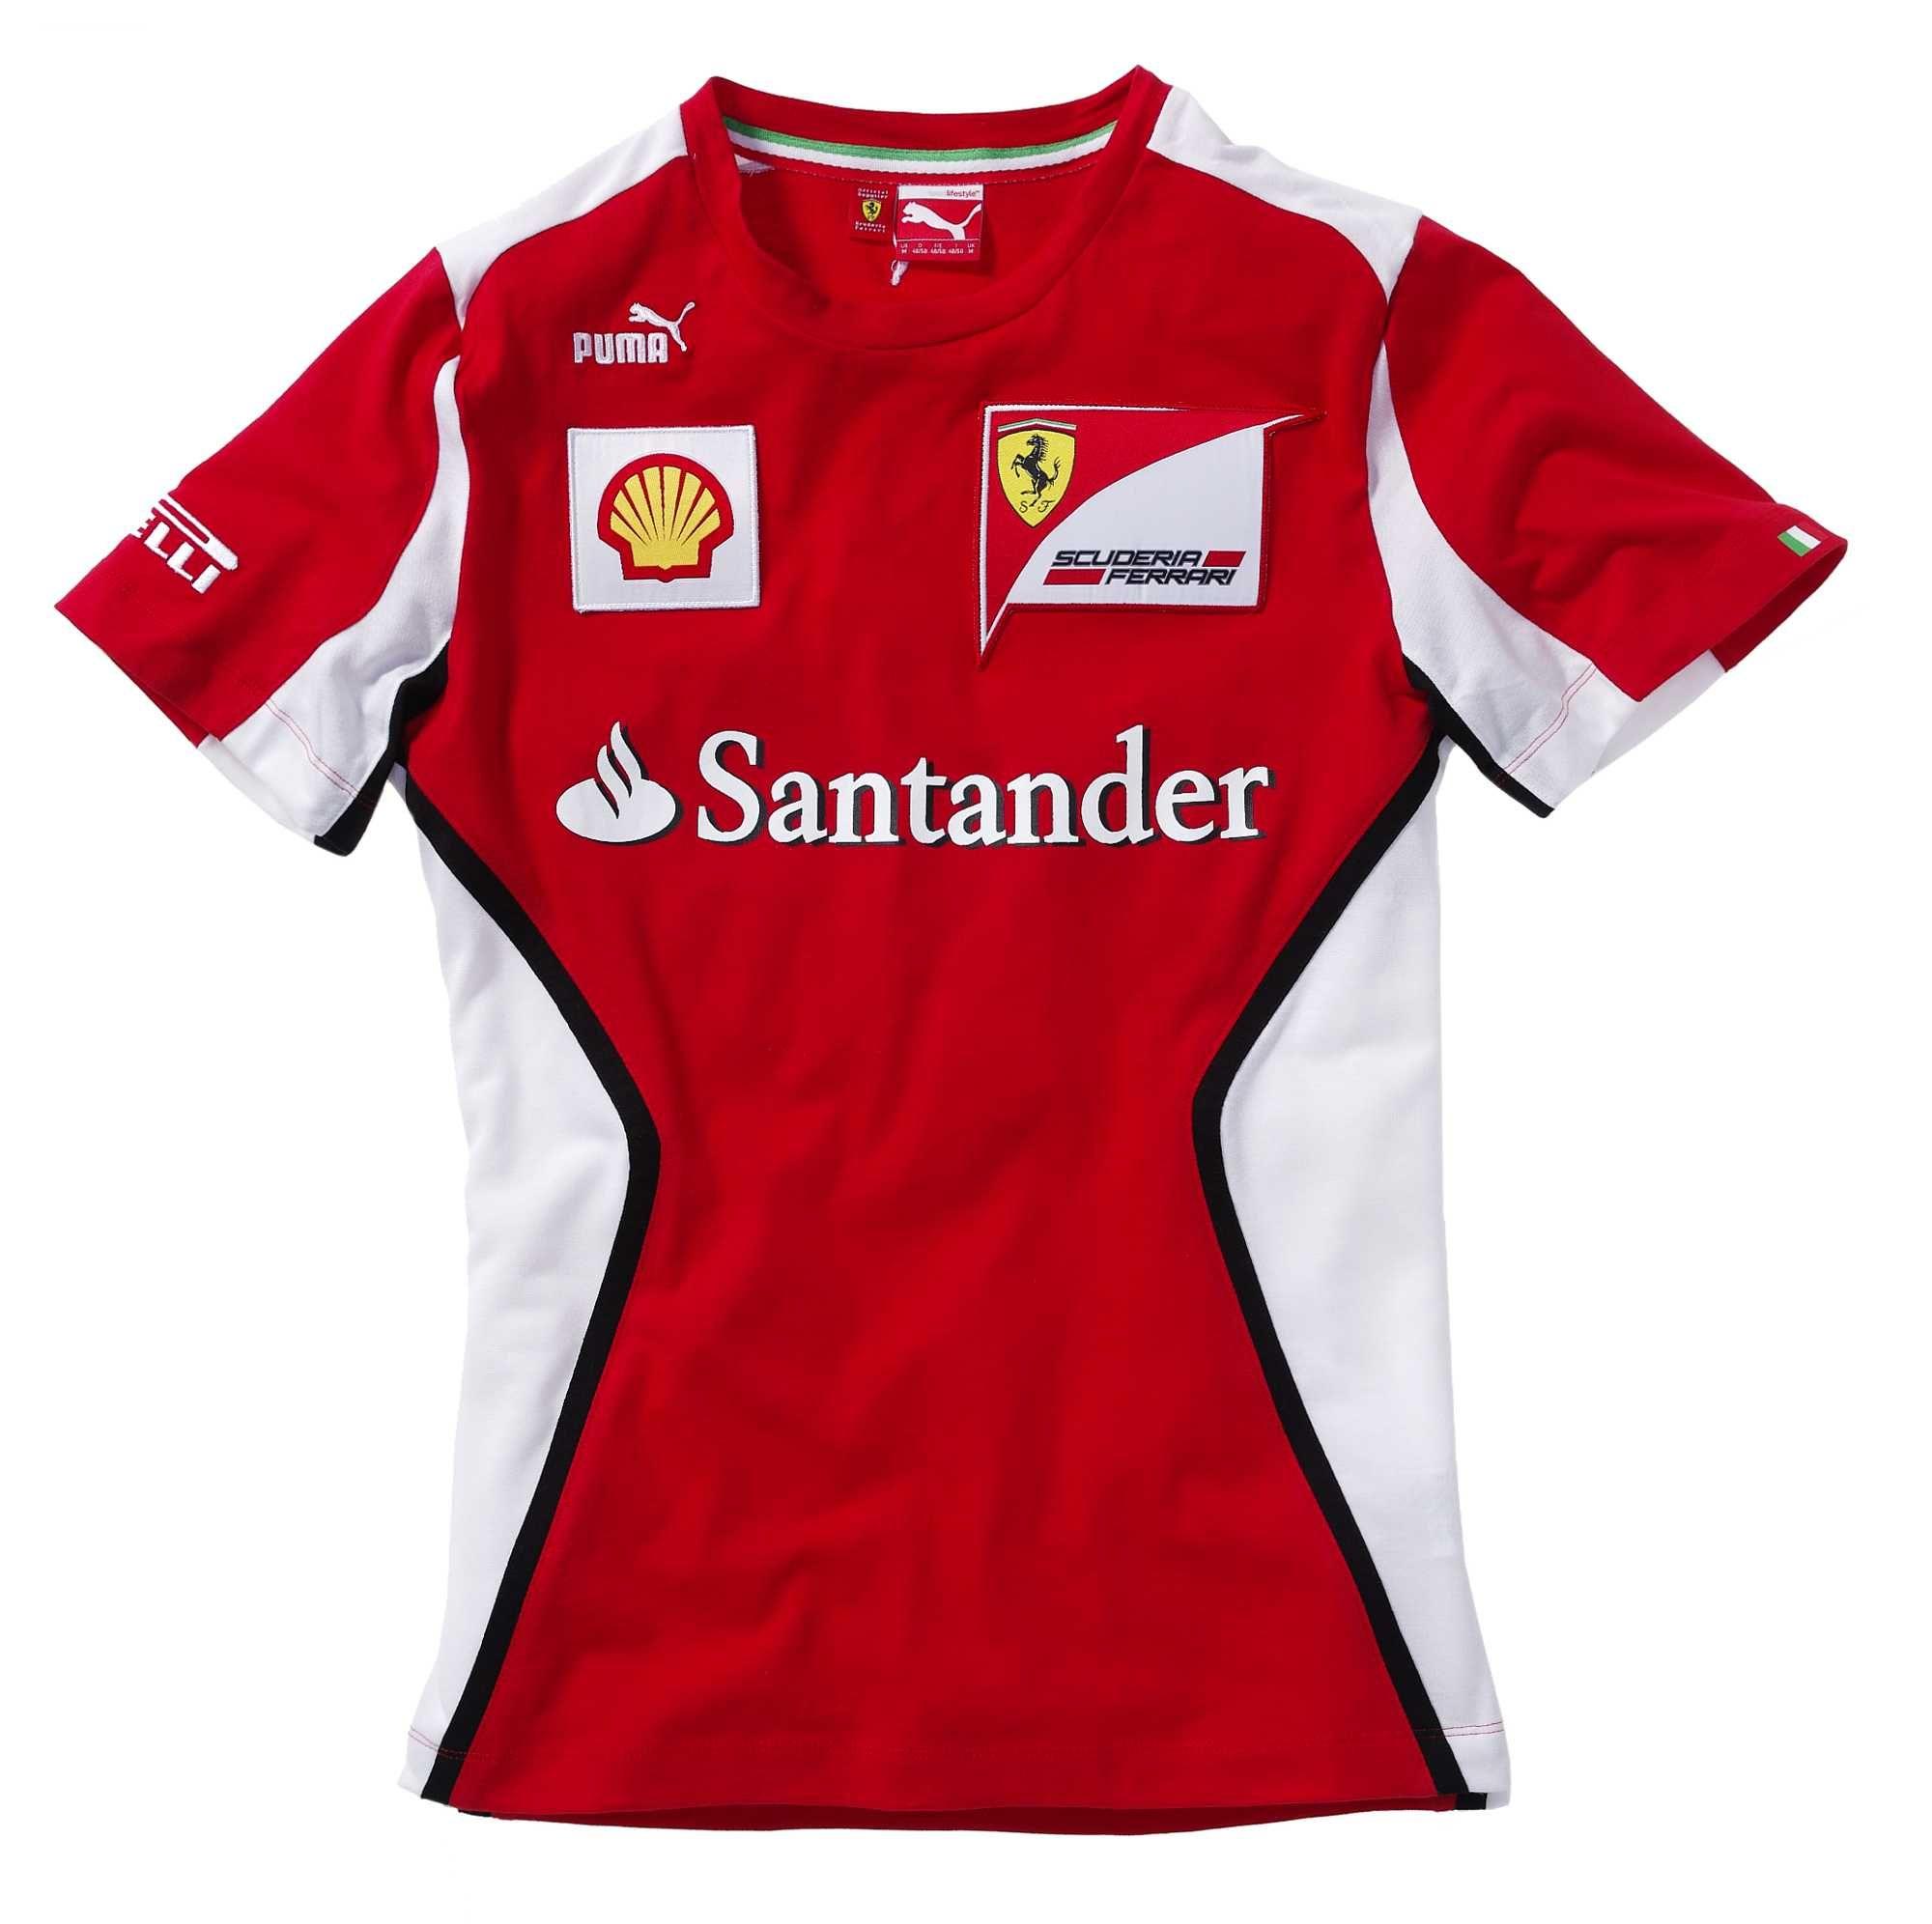 fans red merchandise sebastian scuderia fuel s t mens en shirt driver ferrari tee vettel men for